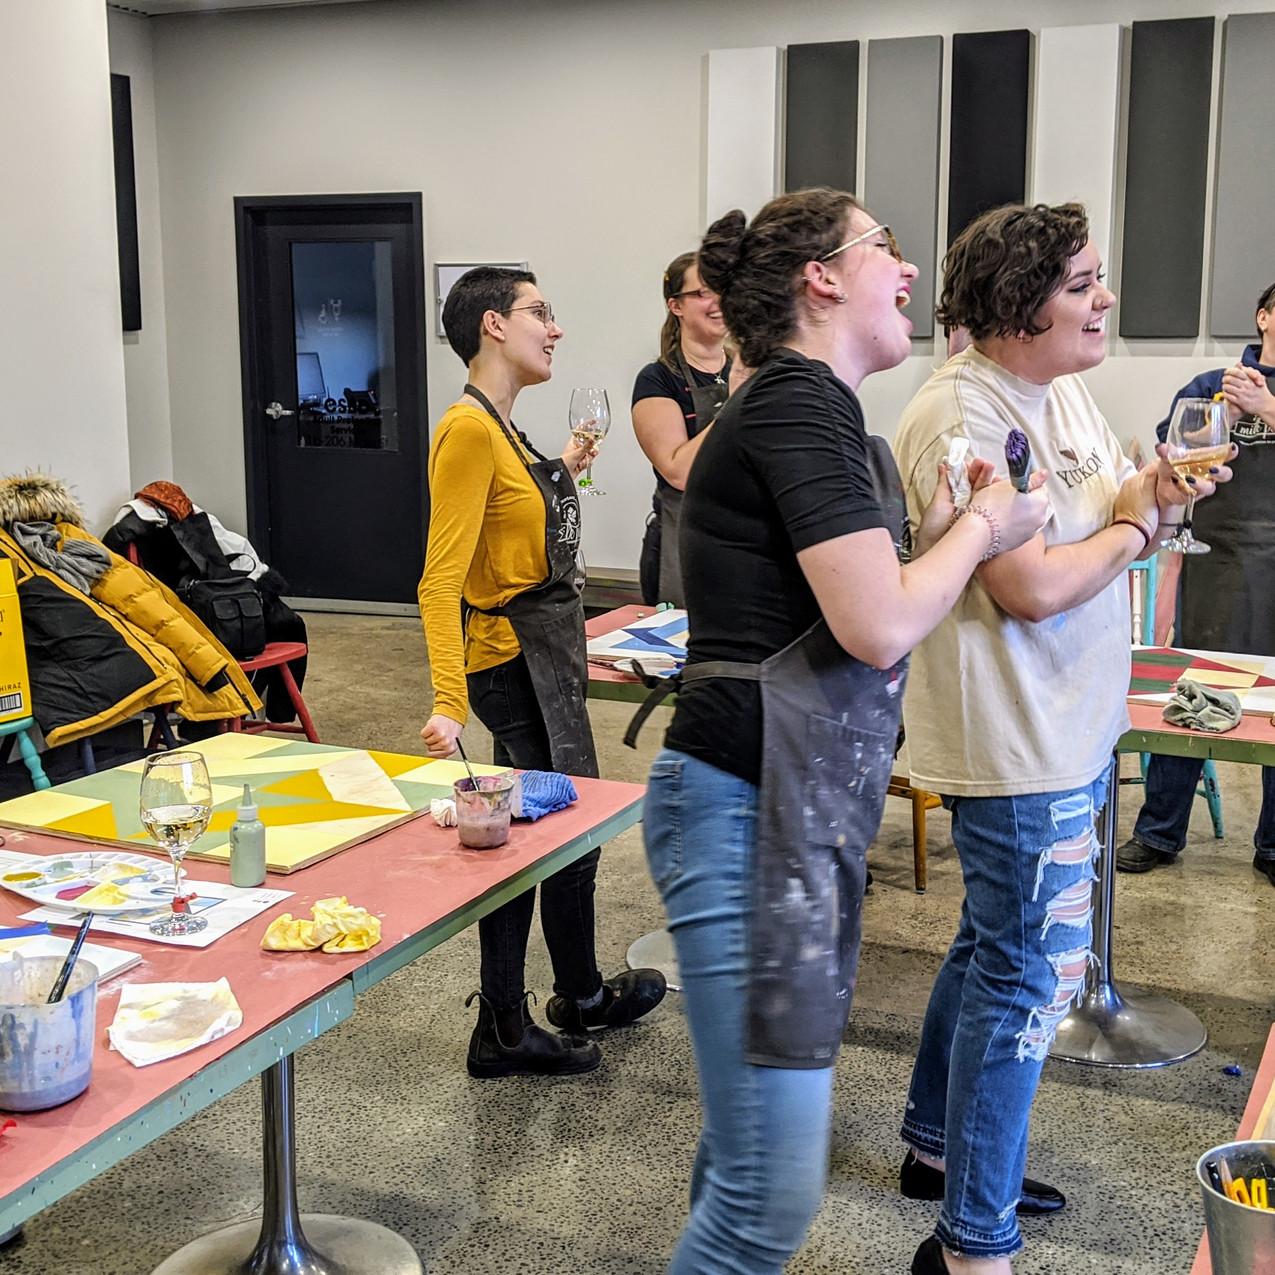 Lisa birthday workshop group singing